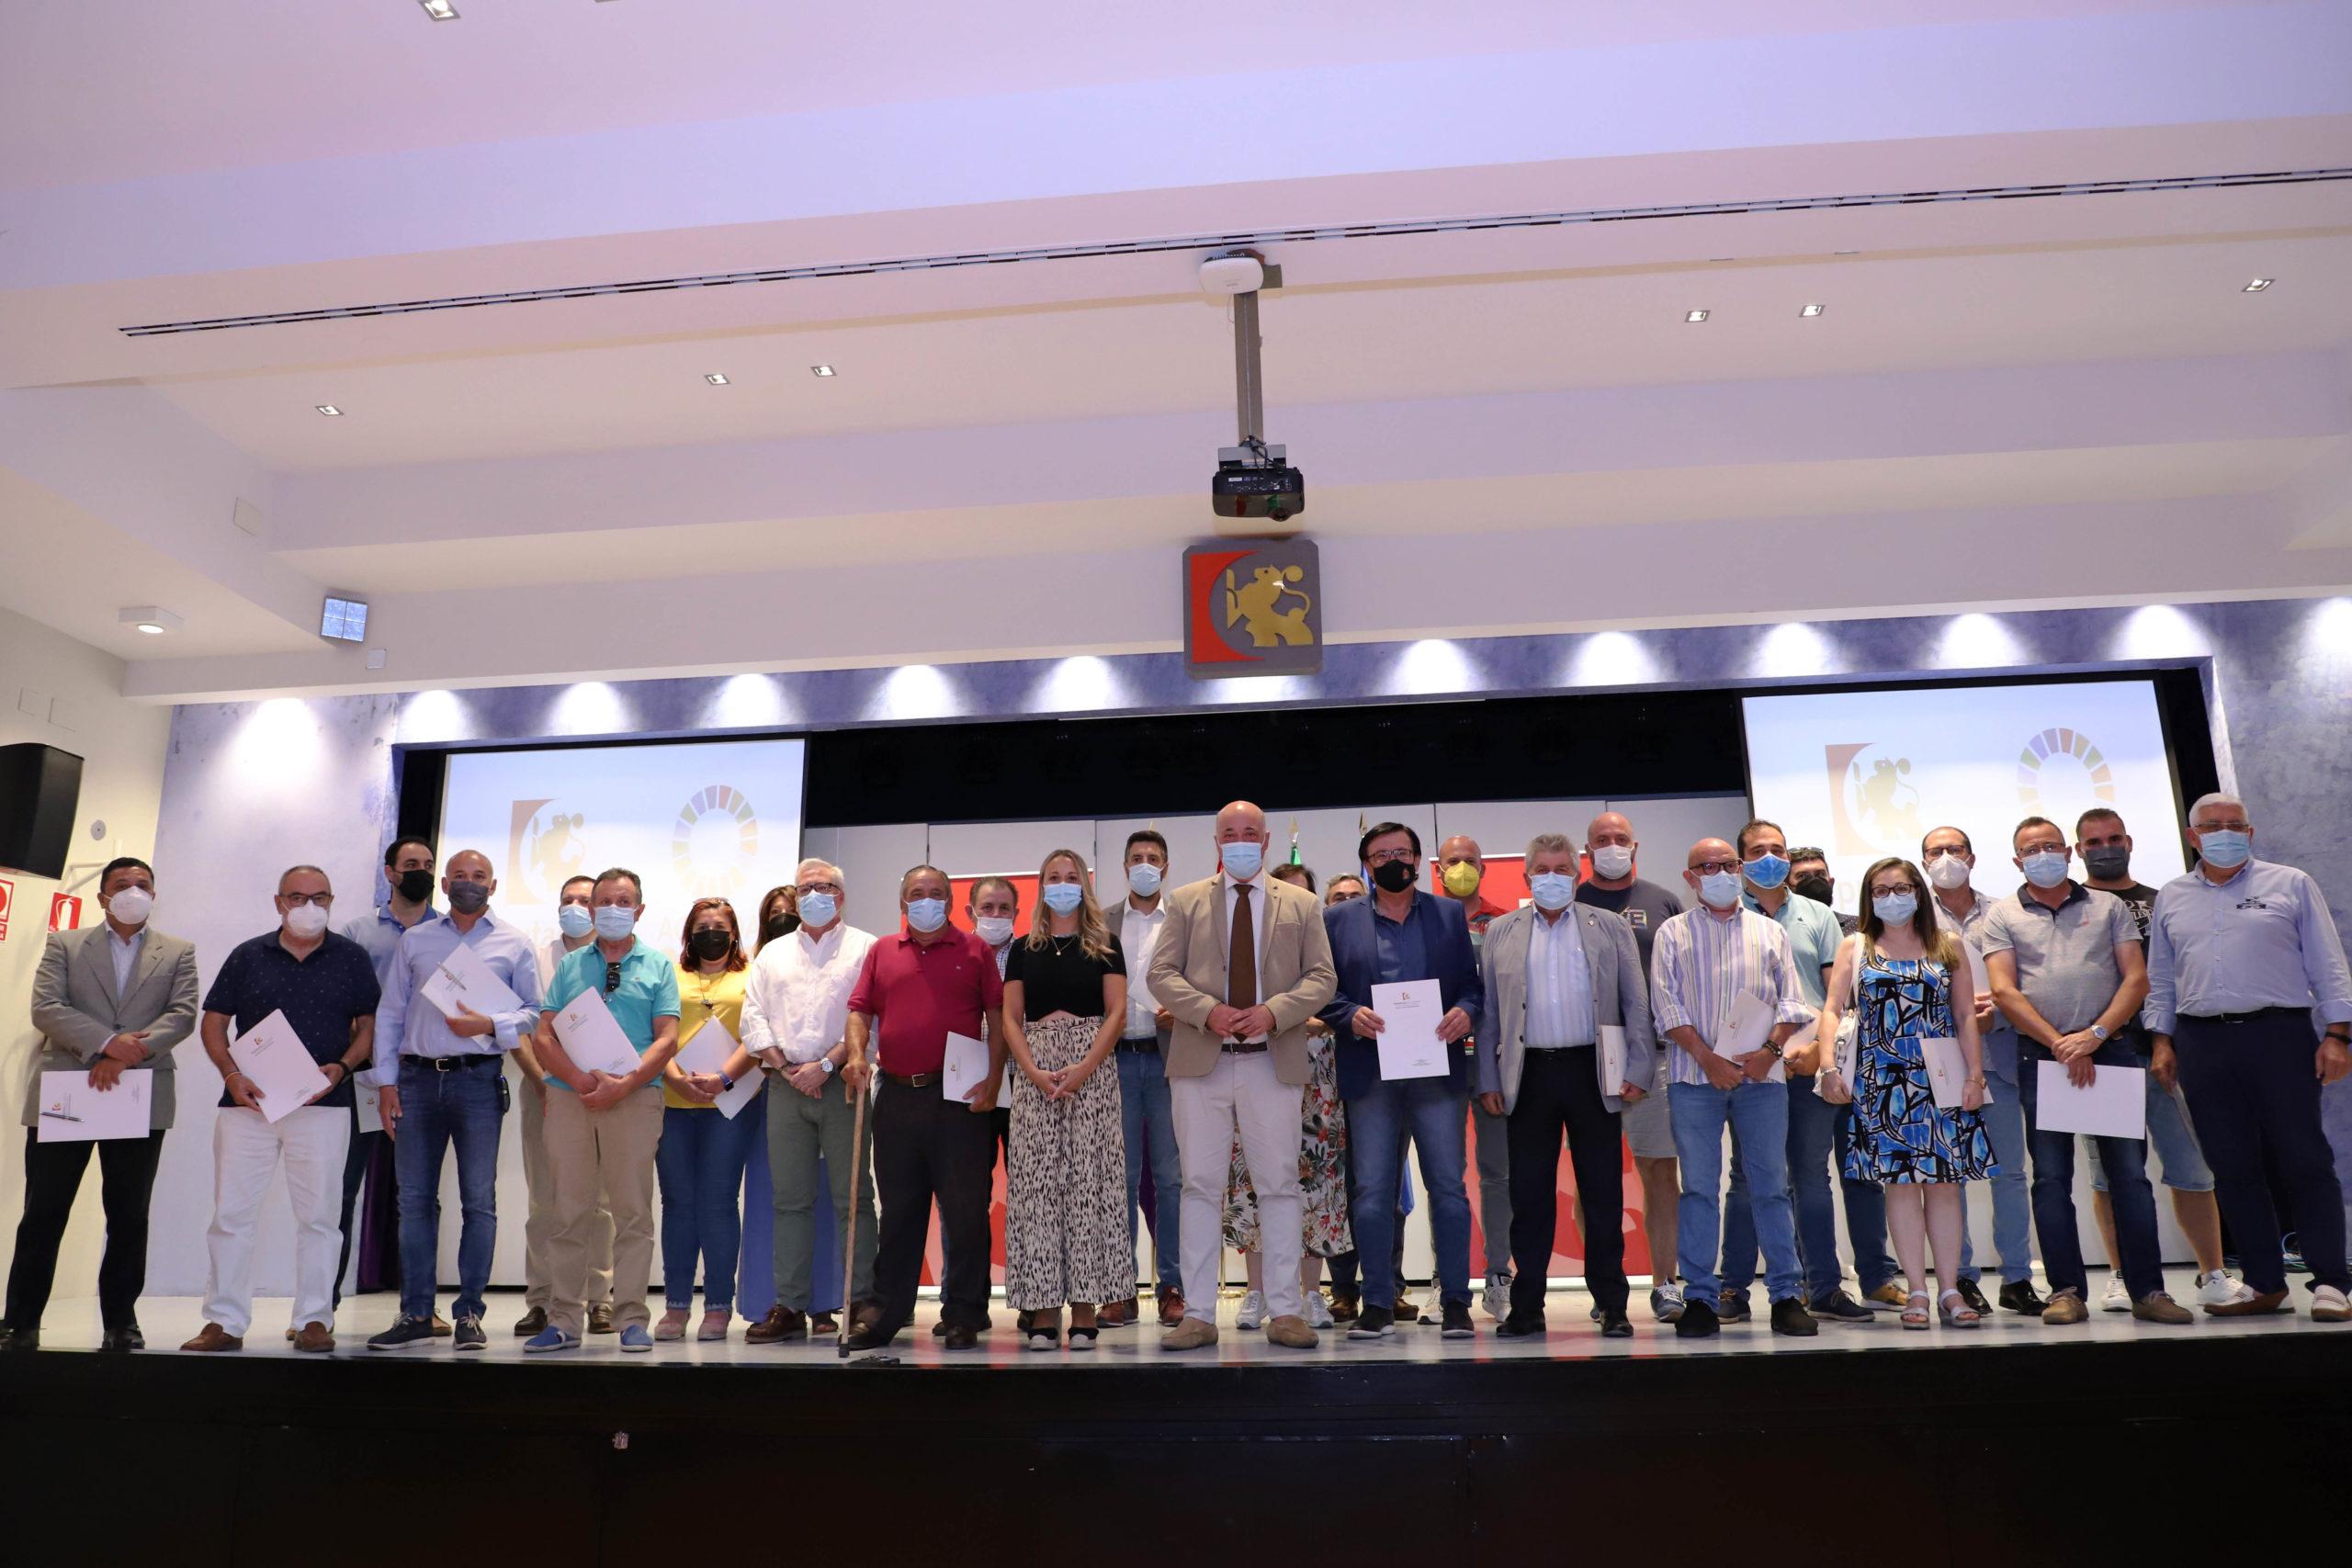 La Diputación de Córdoba respalda con cerca de 270.000 euros la actividad deportiva de clubes, federaciones y ayuntamientos de la provincia